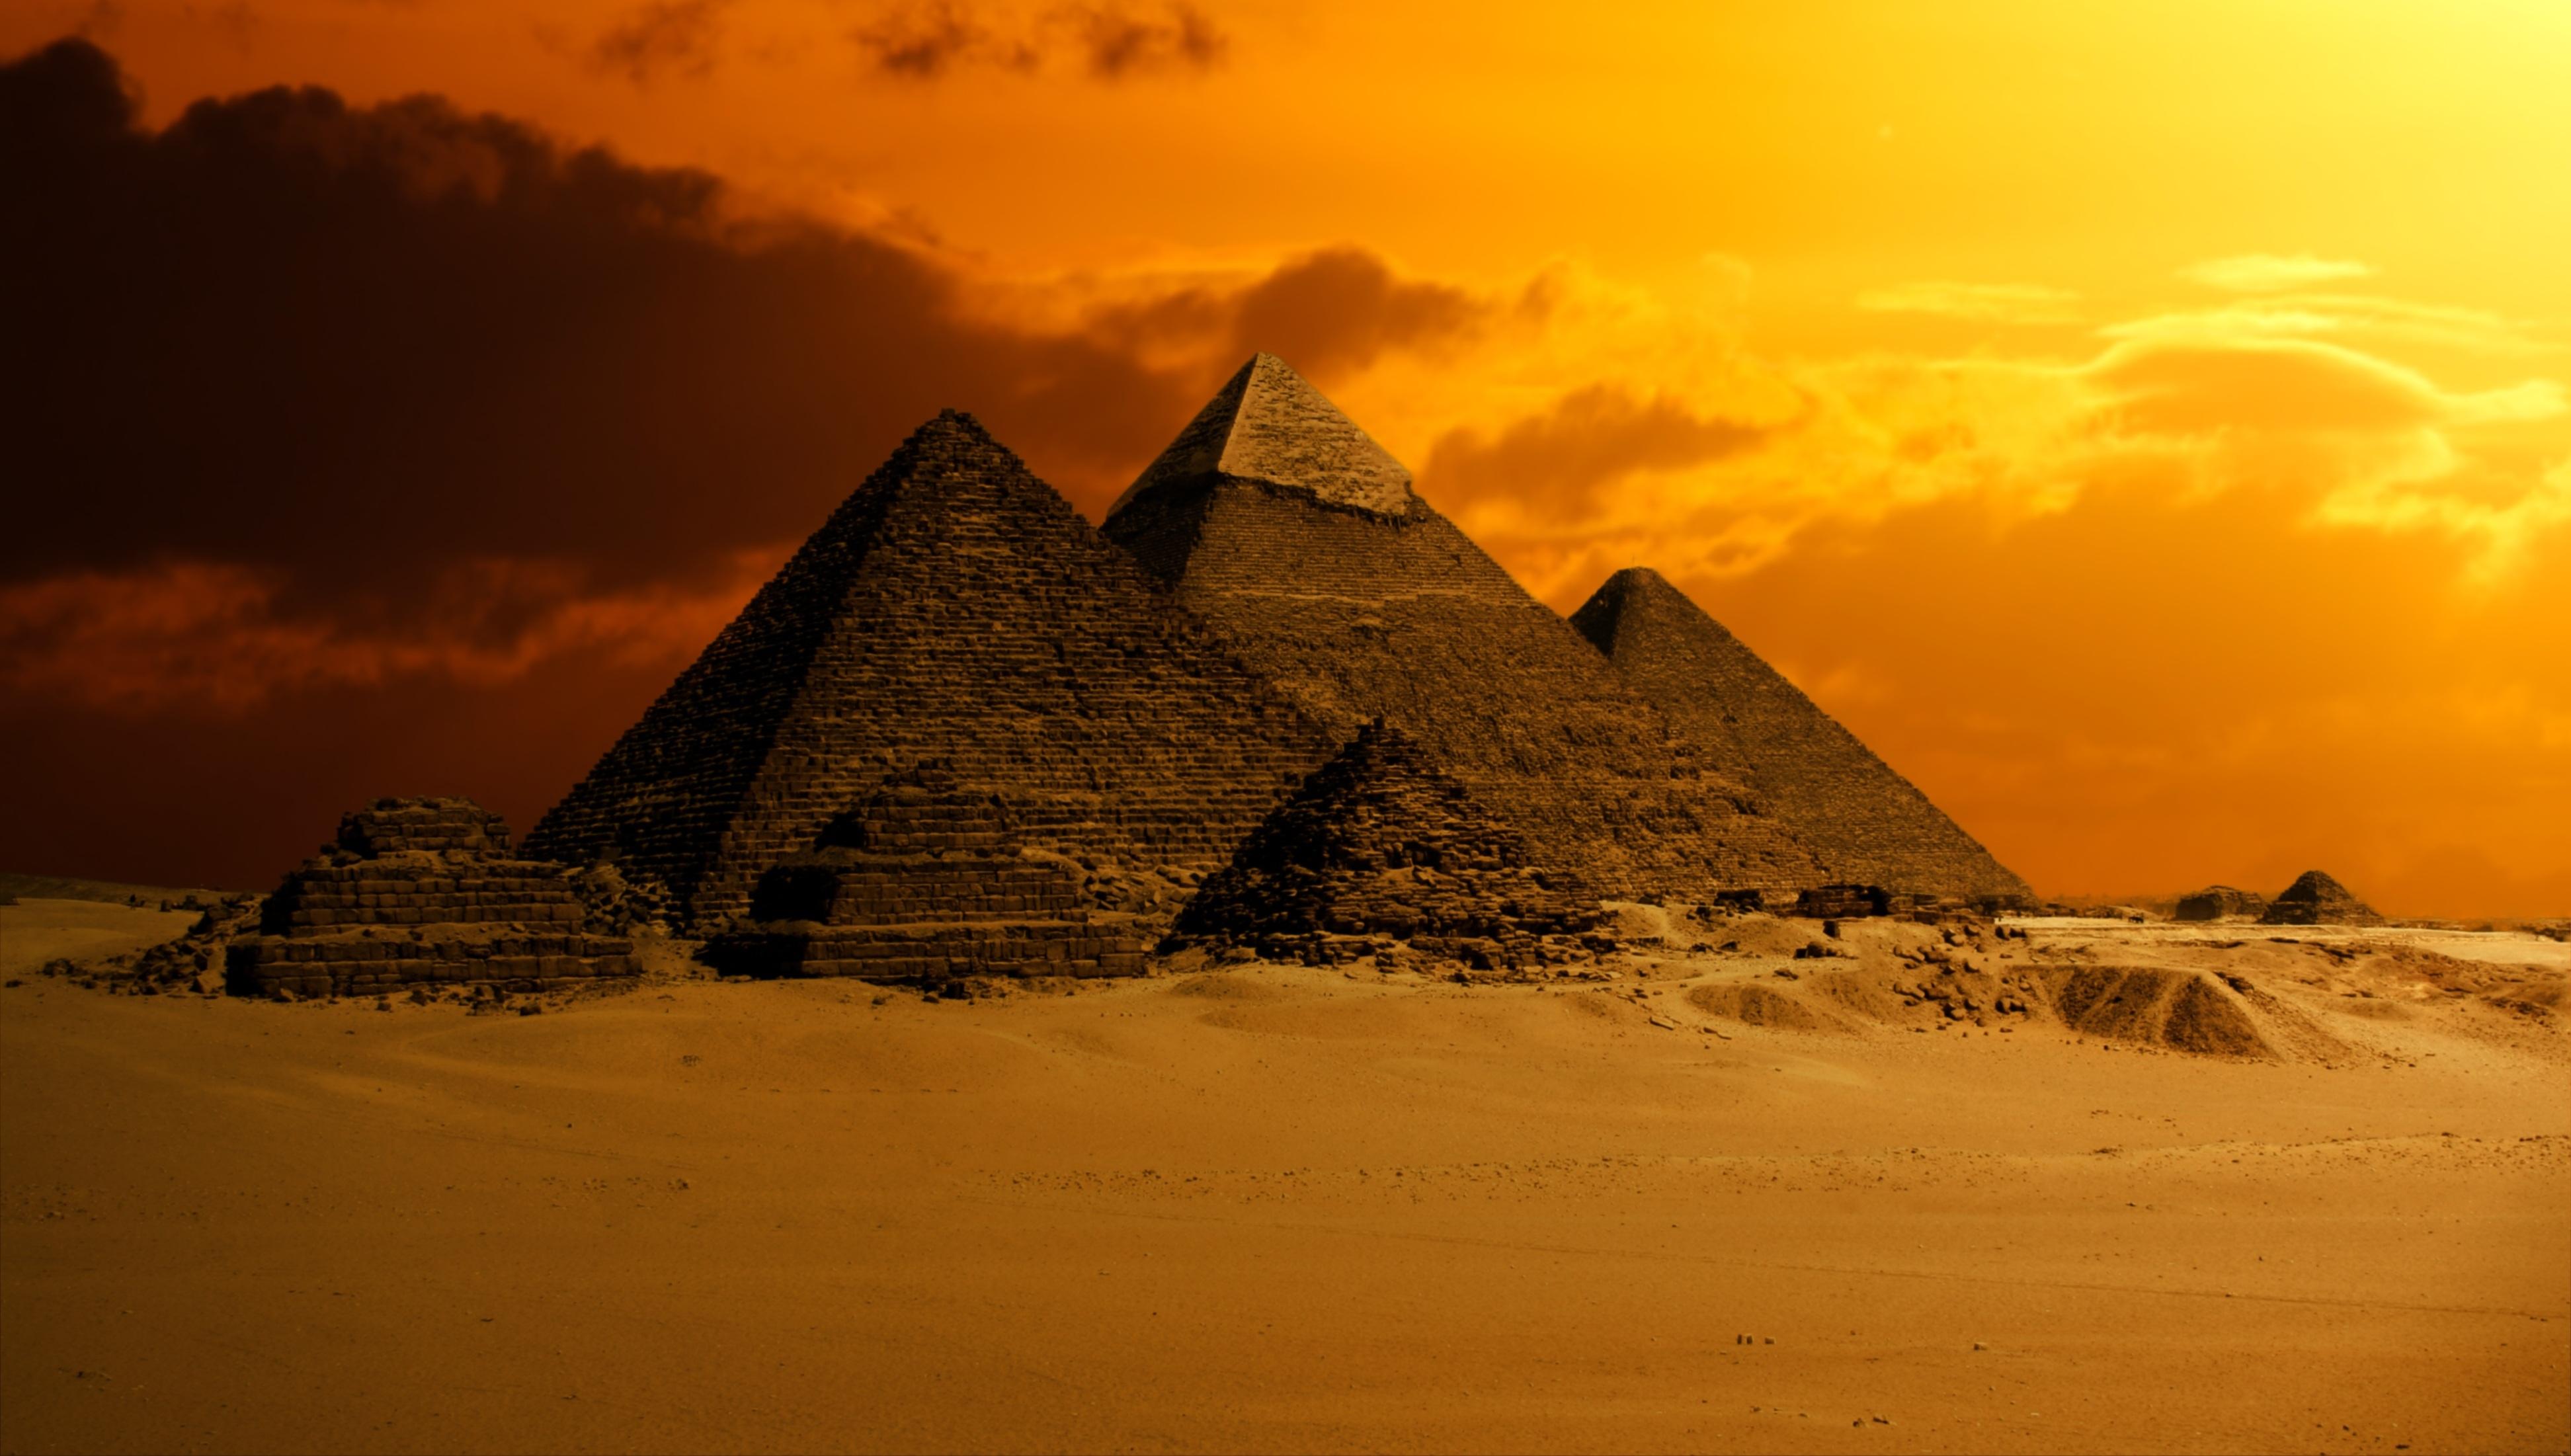 我们都知道,金字塔地处沙漠,这些石头是从哪里来的?怎么运来的?